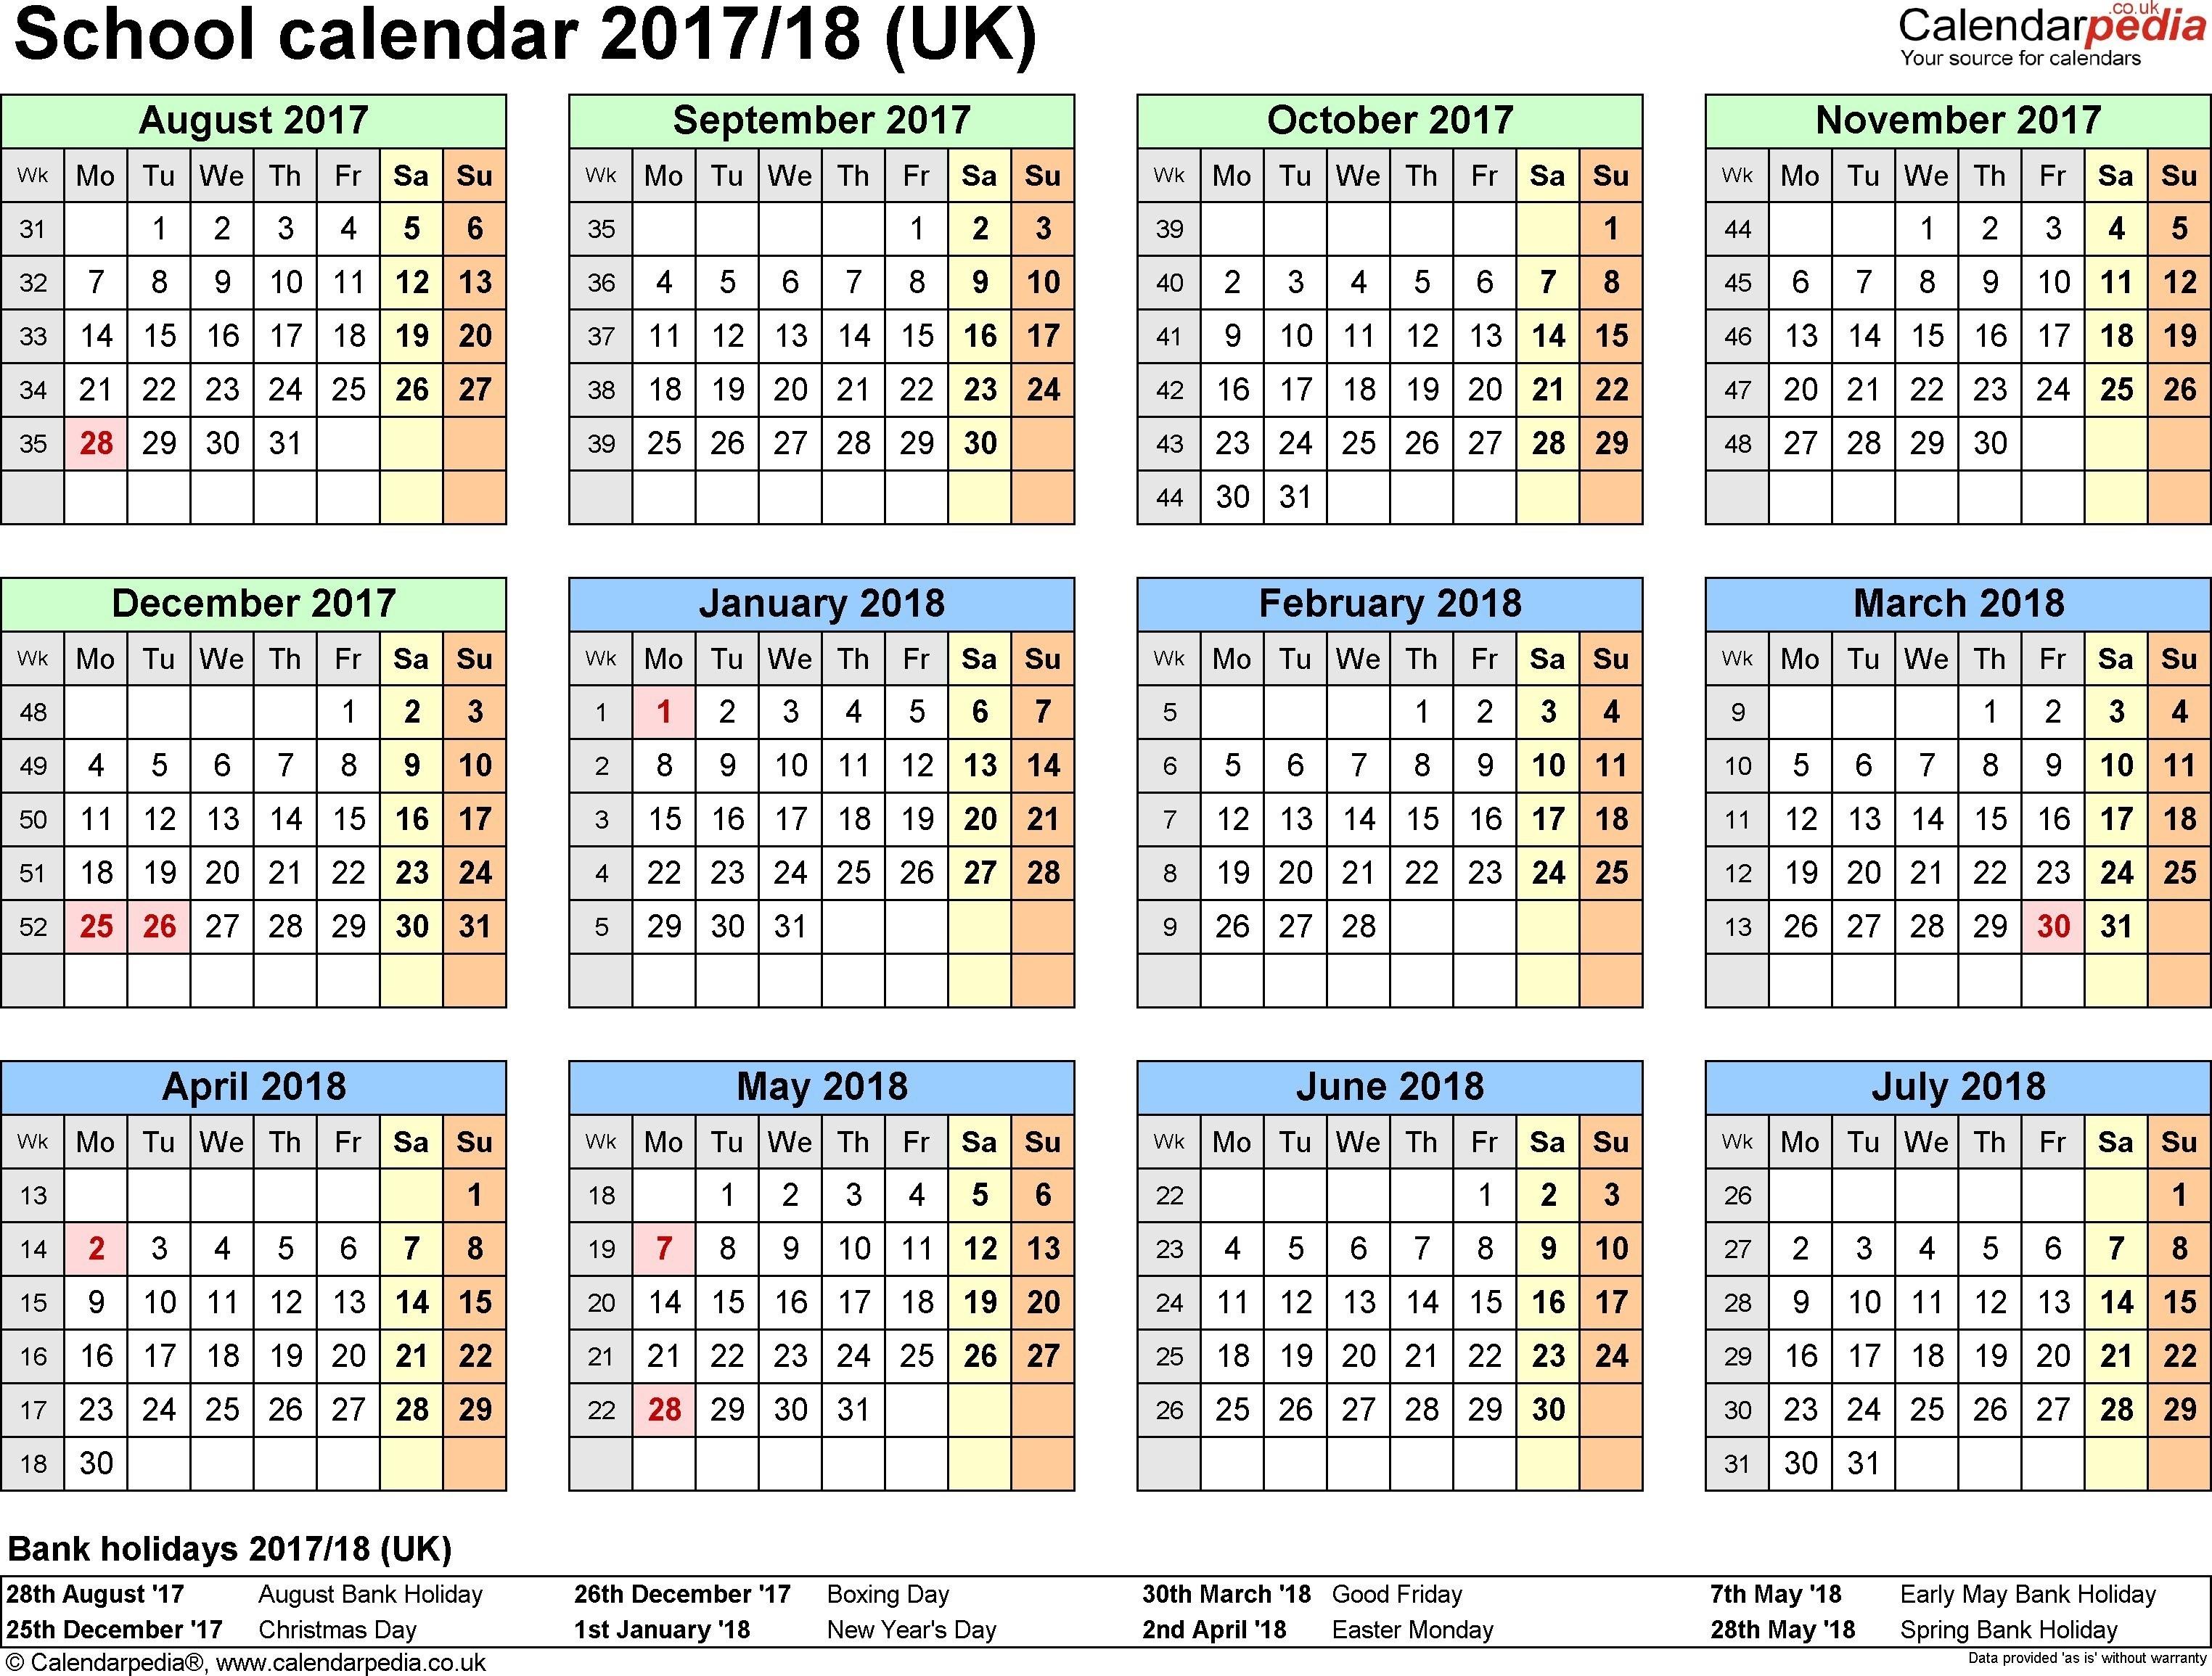 March 2019 Calendar Lala Ramswaroop Más Recientemente Liberado Free Calendar Template 2019 Australia Of March 2019 Calendar Lala Ramswaroop Más Caliente News Flash Connected with Lala Ramswaroop Calendar 2019 Download Pdf